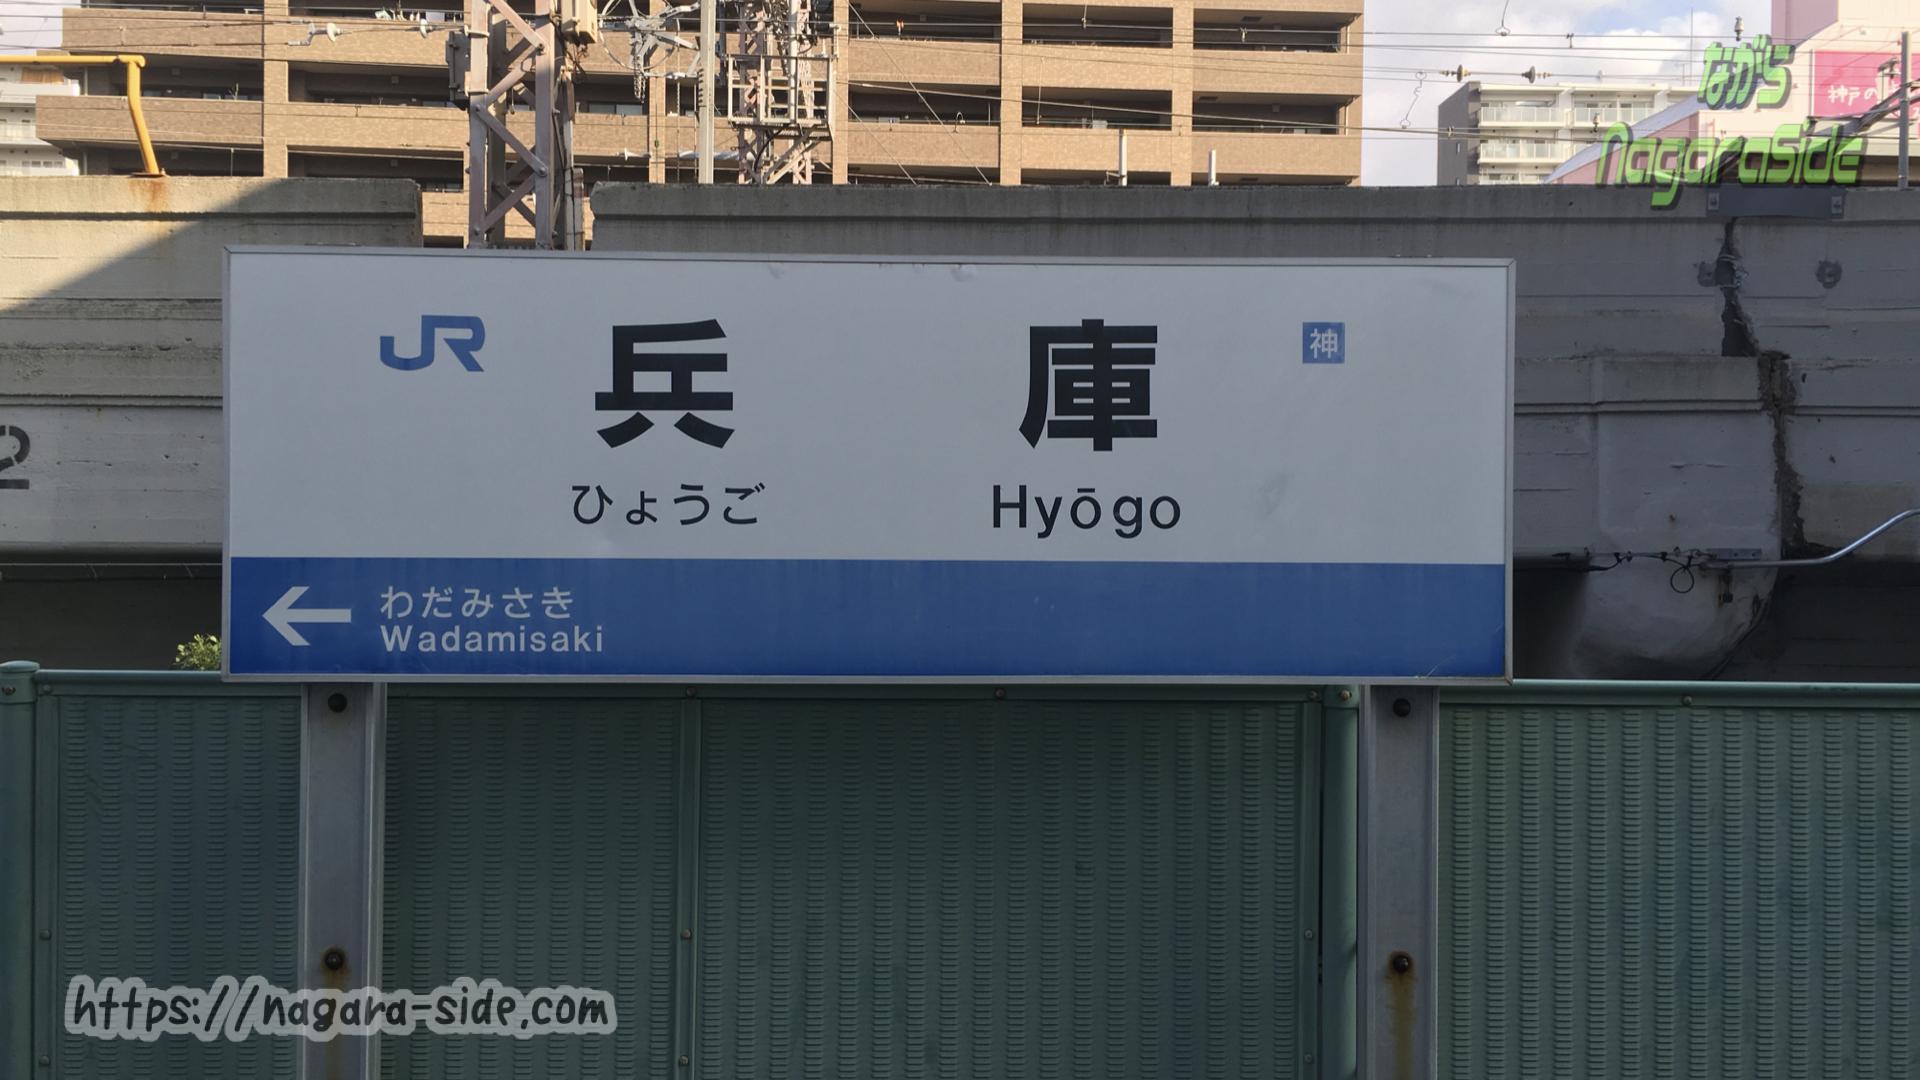 兵庫駅和田岬線ホームの駅名標